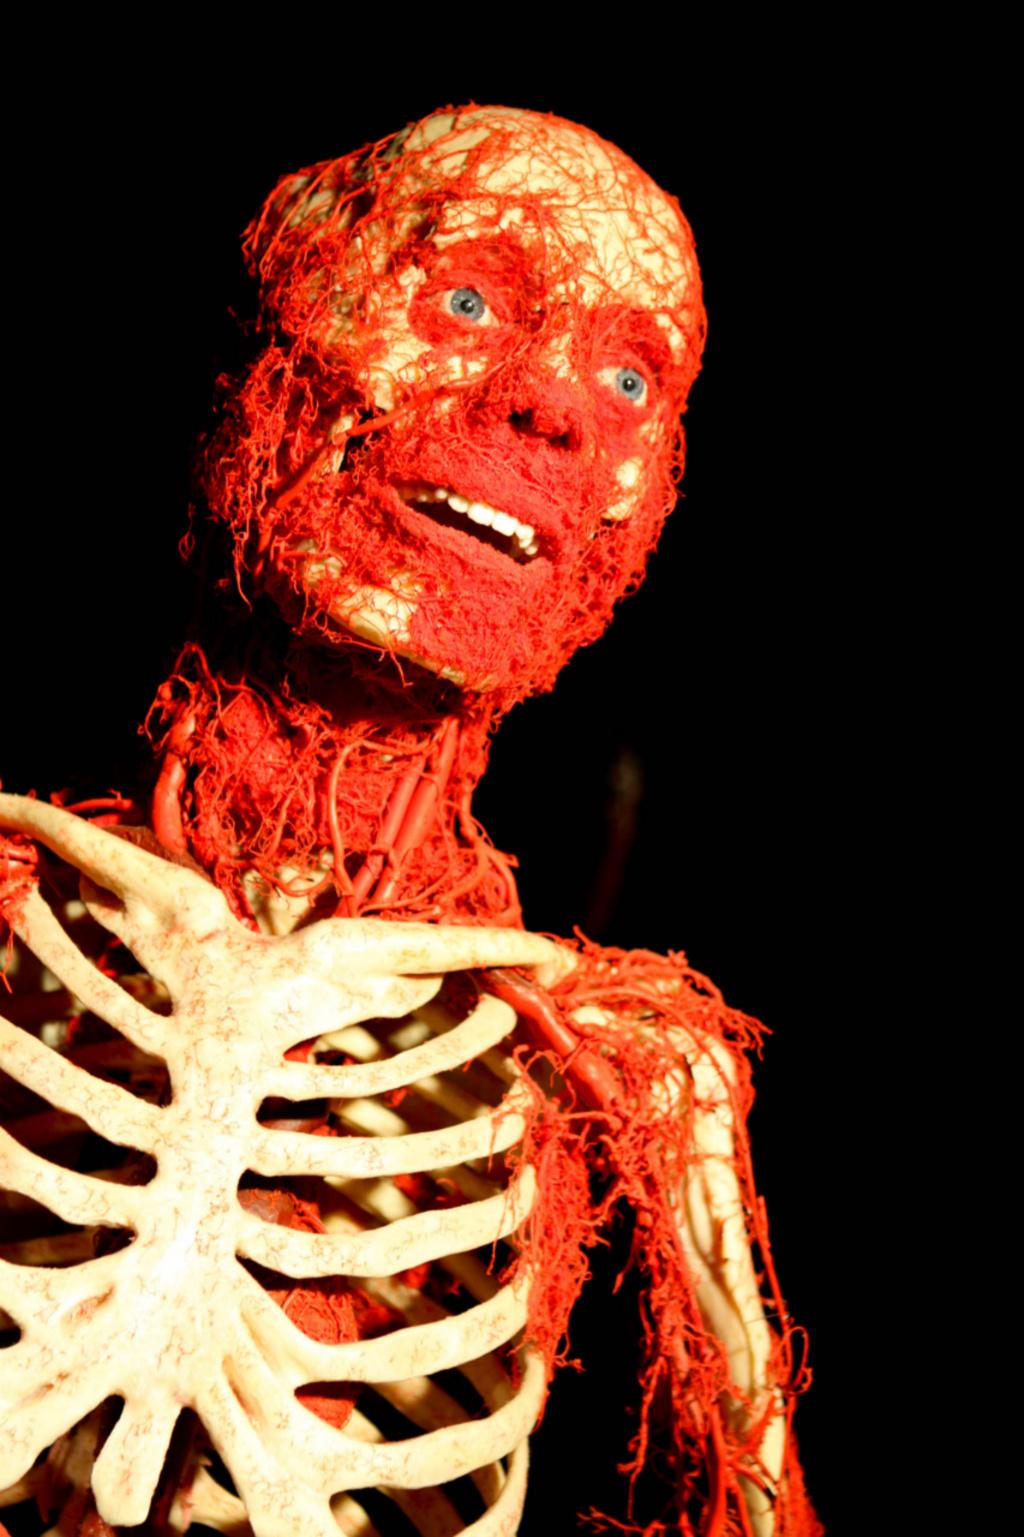 Сучки кожа и кости 18 фотография